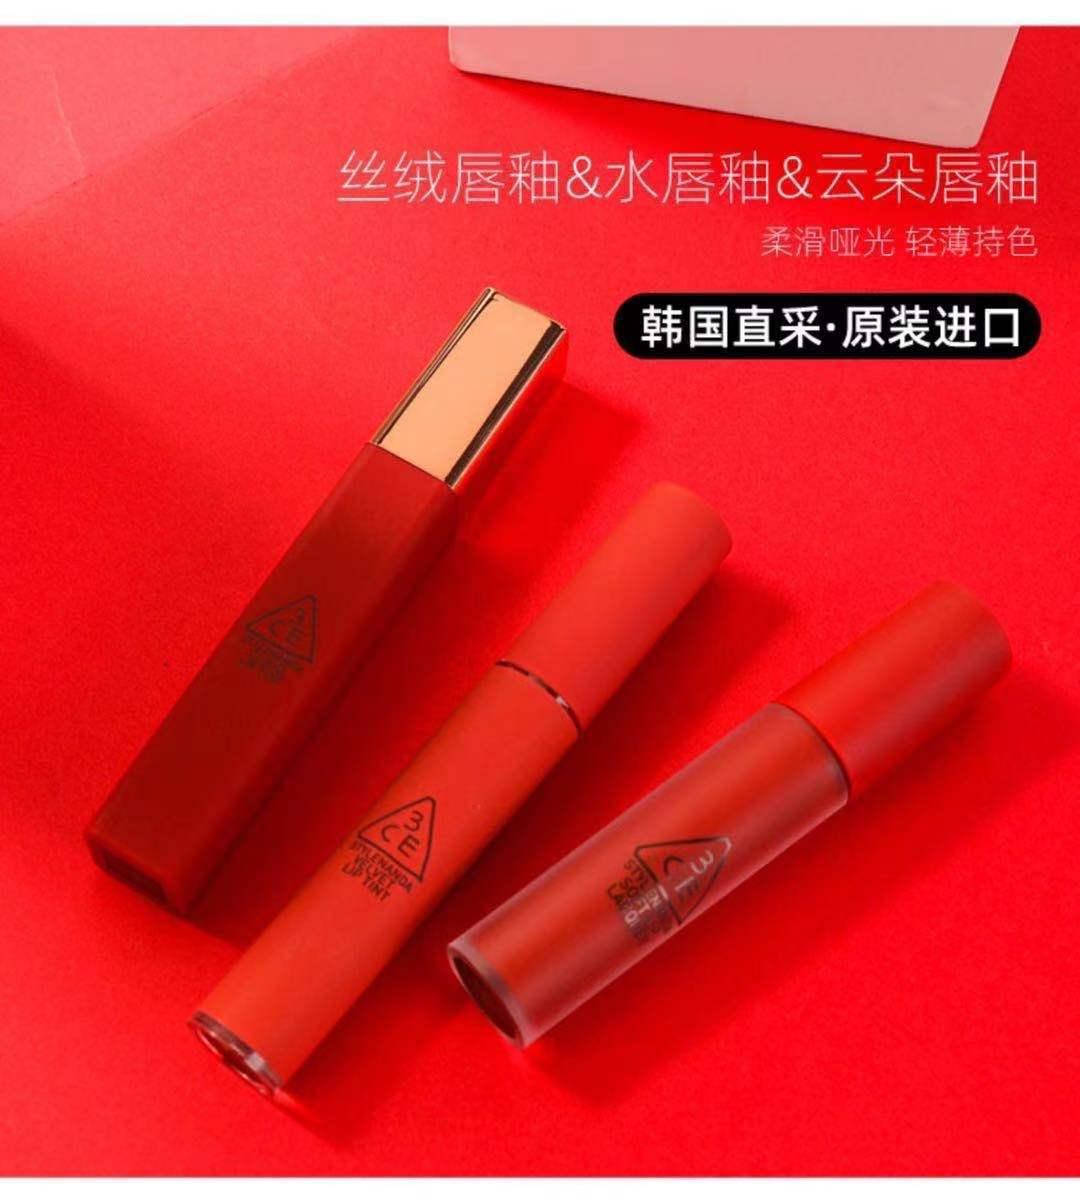 口紅韓國3CE云朵唇釉鐵銹紅taupe紅梨色絲絨霧面啞光持久血漿色豆沙色